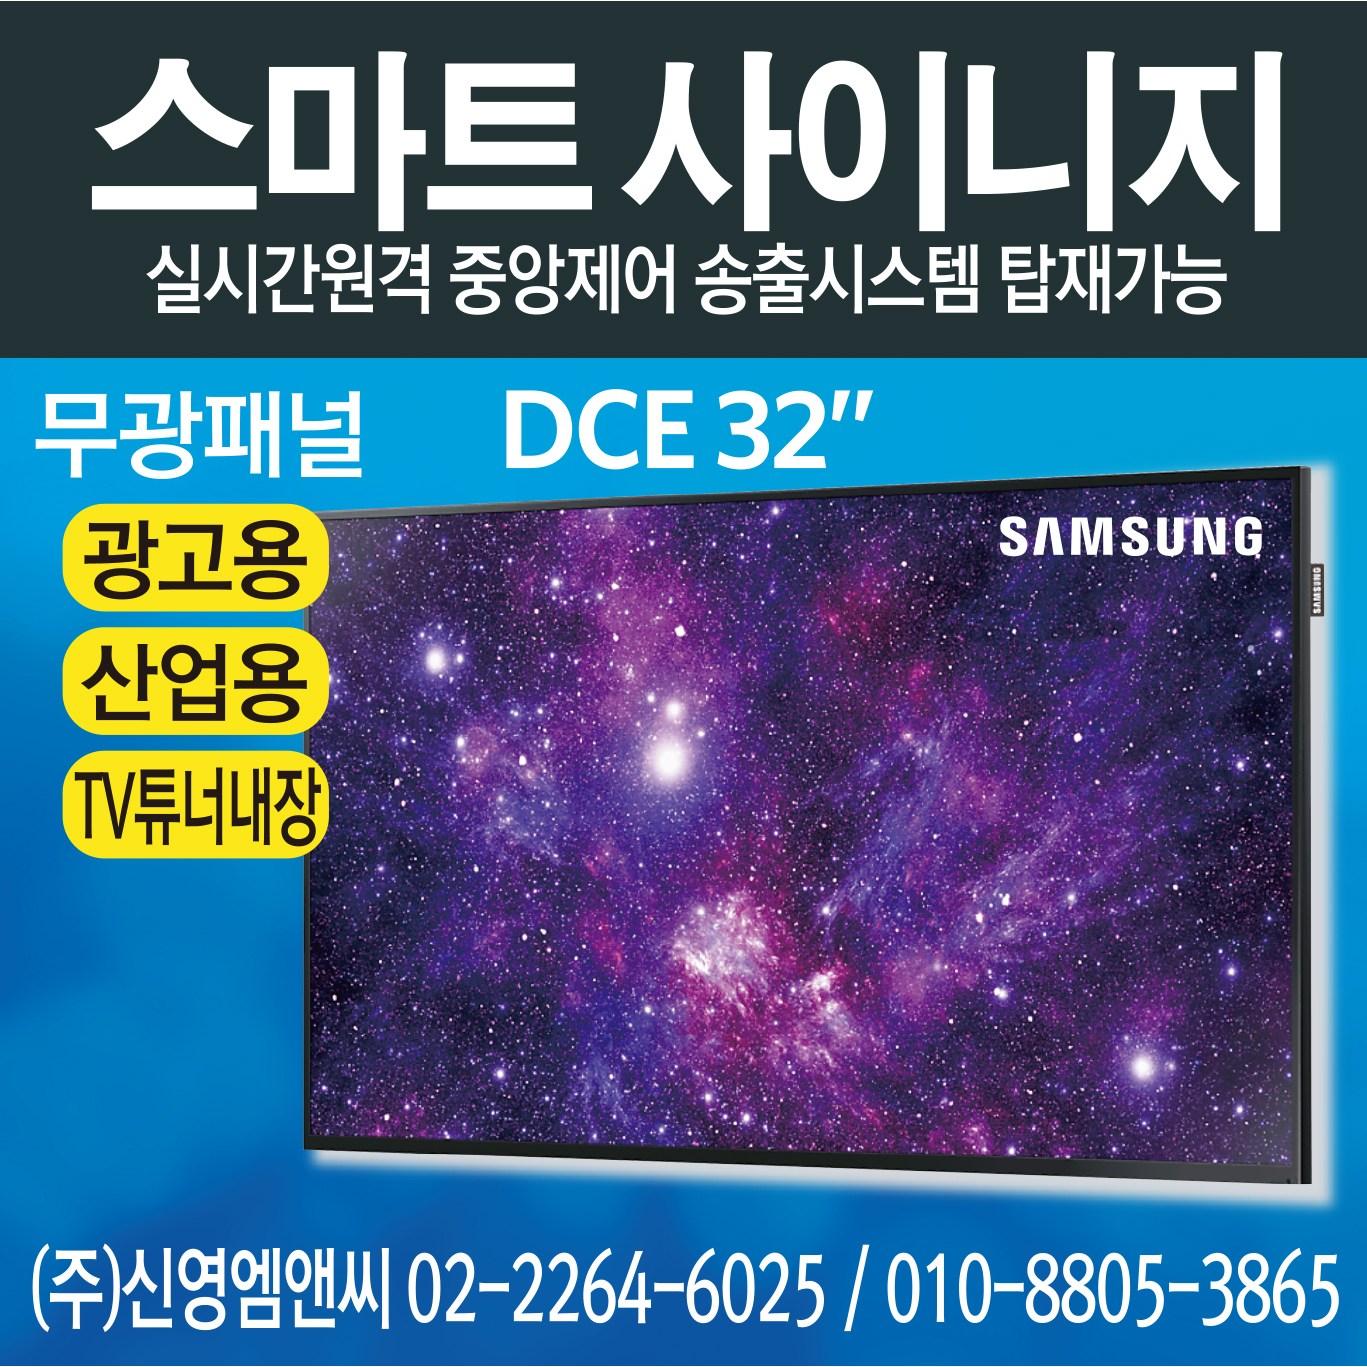 삼성전자 정품 DC32E / TV튜너내장 / 32인치 디지털사이니지 / 광고용 모니터 멀티비전 / DCE32 / 32인치 사이니지 / 32인치 모니터-28-5728051294